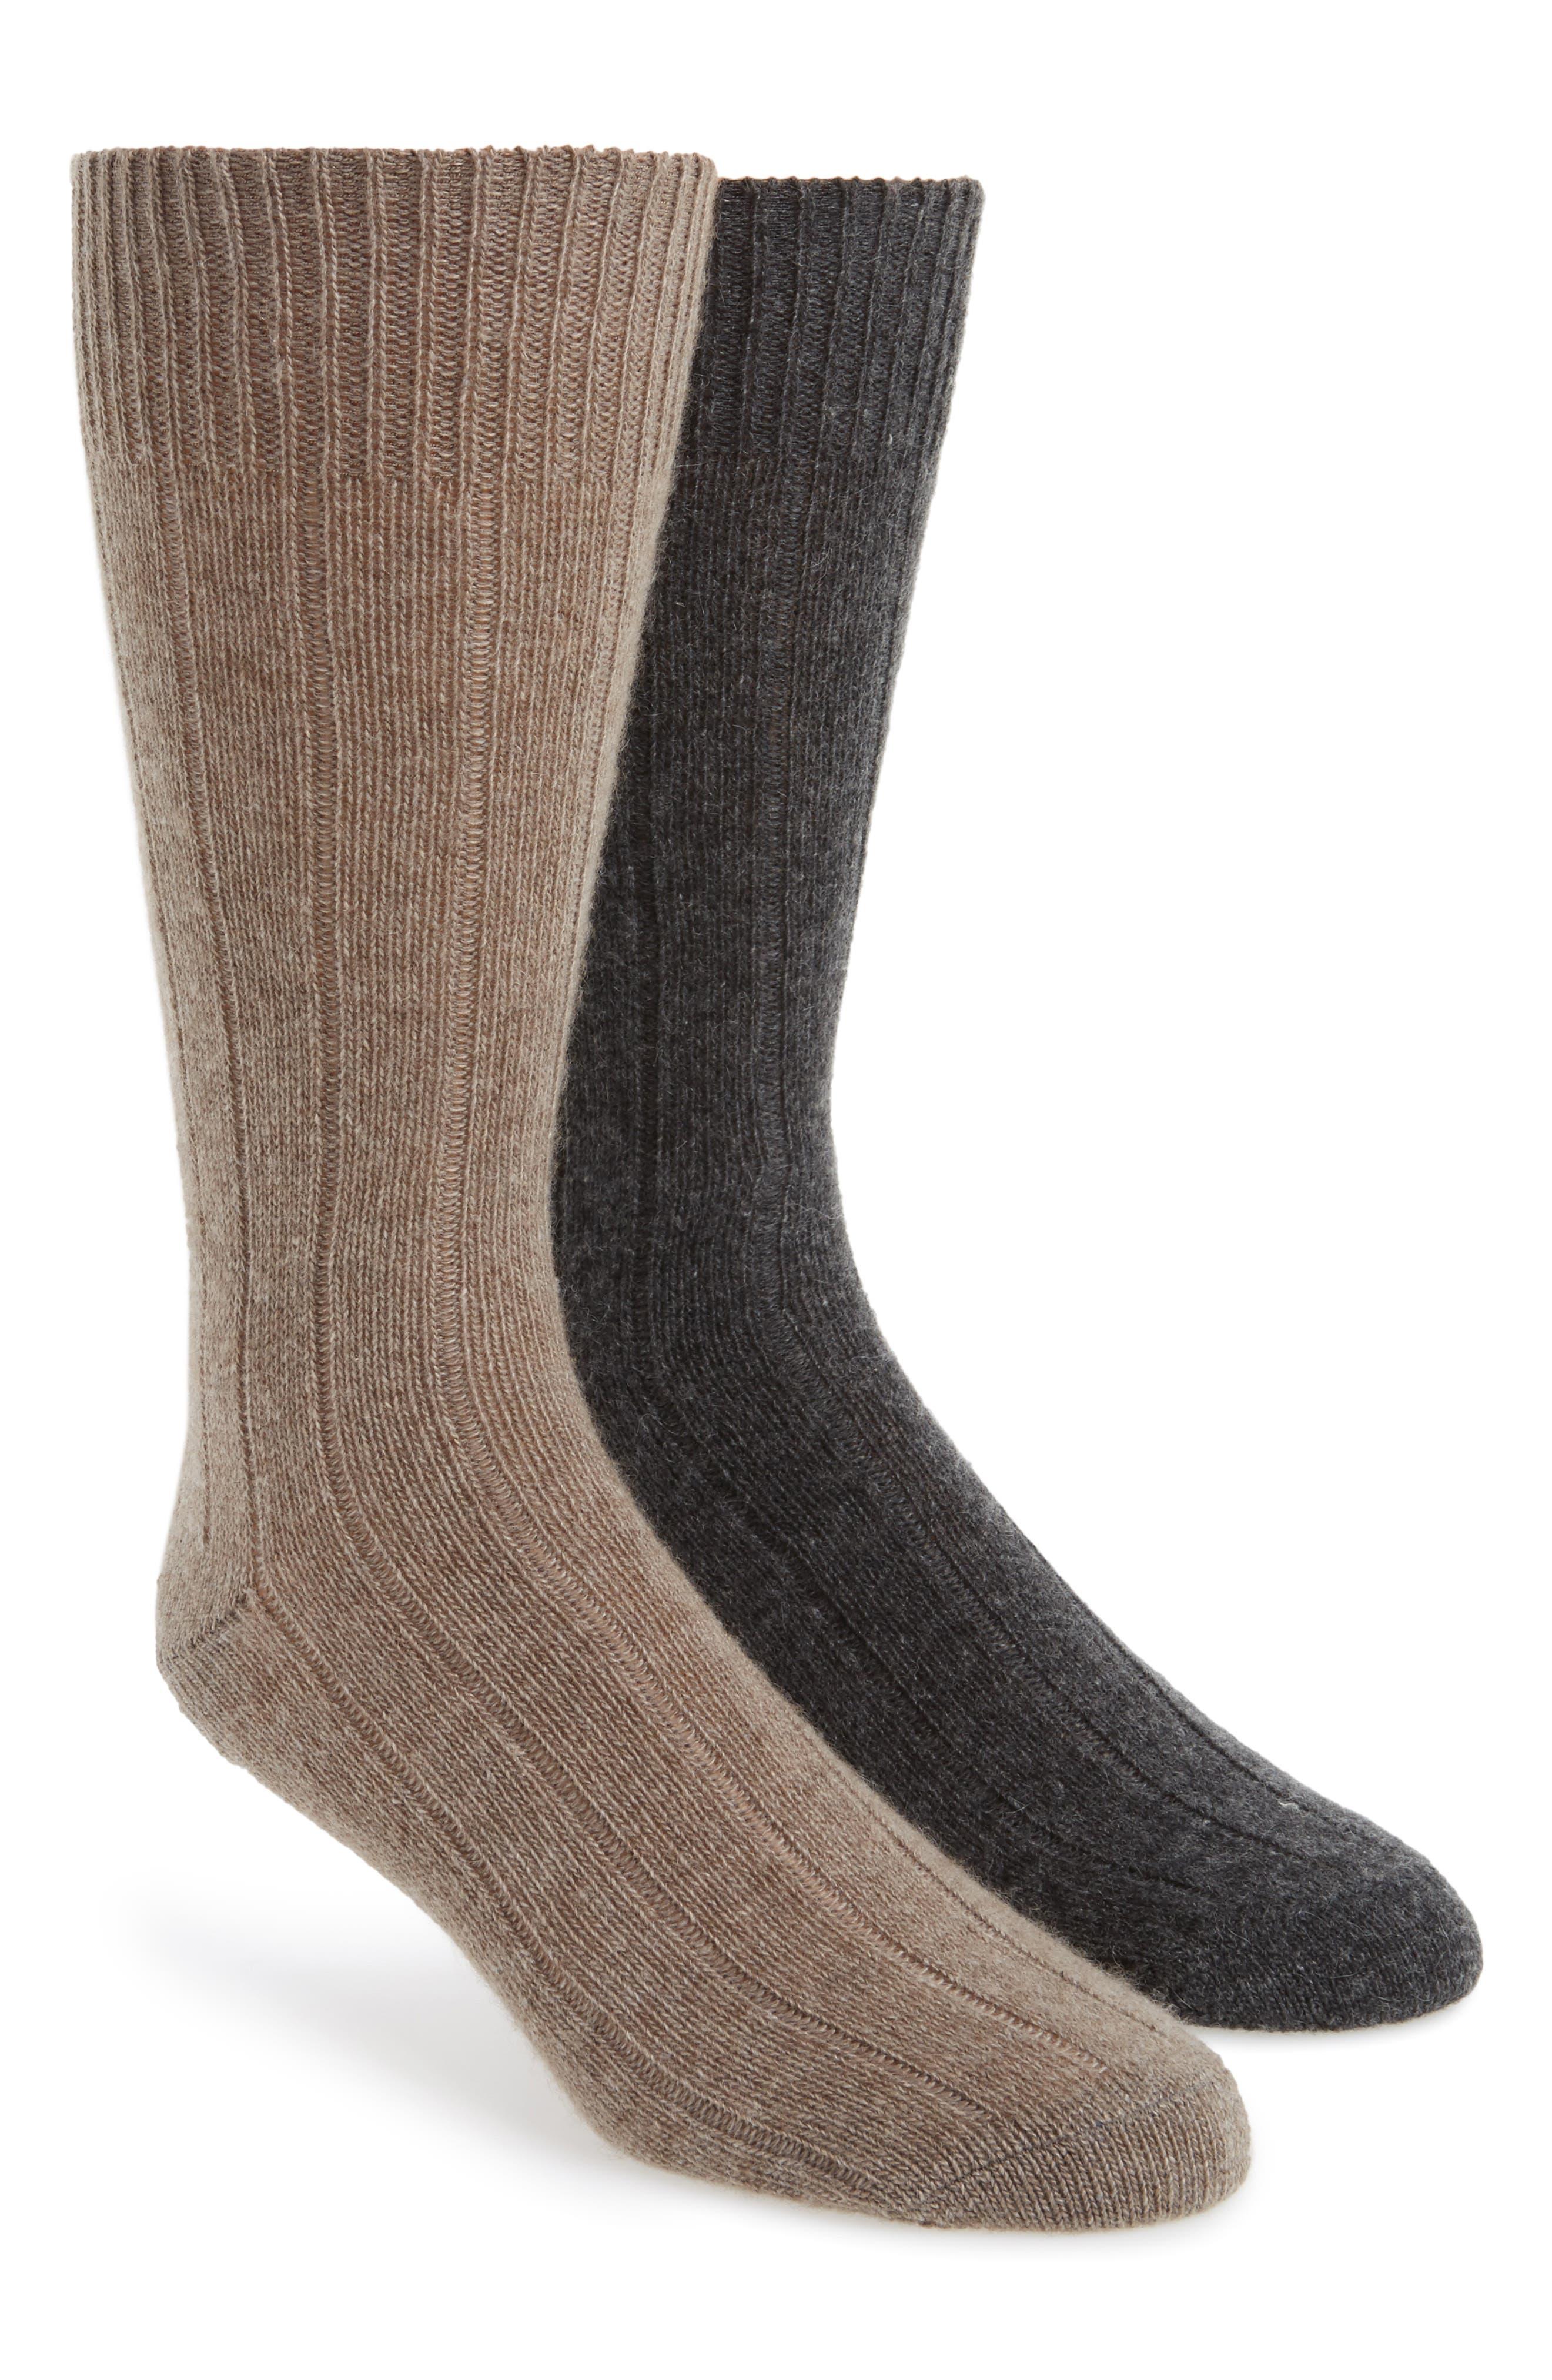 2-Pack Cashmere Blend Socks Box Set,                             Main thumbnail 2, color,